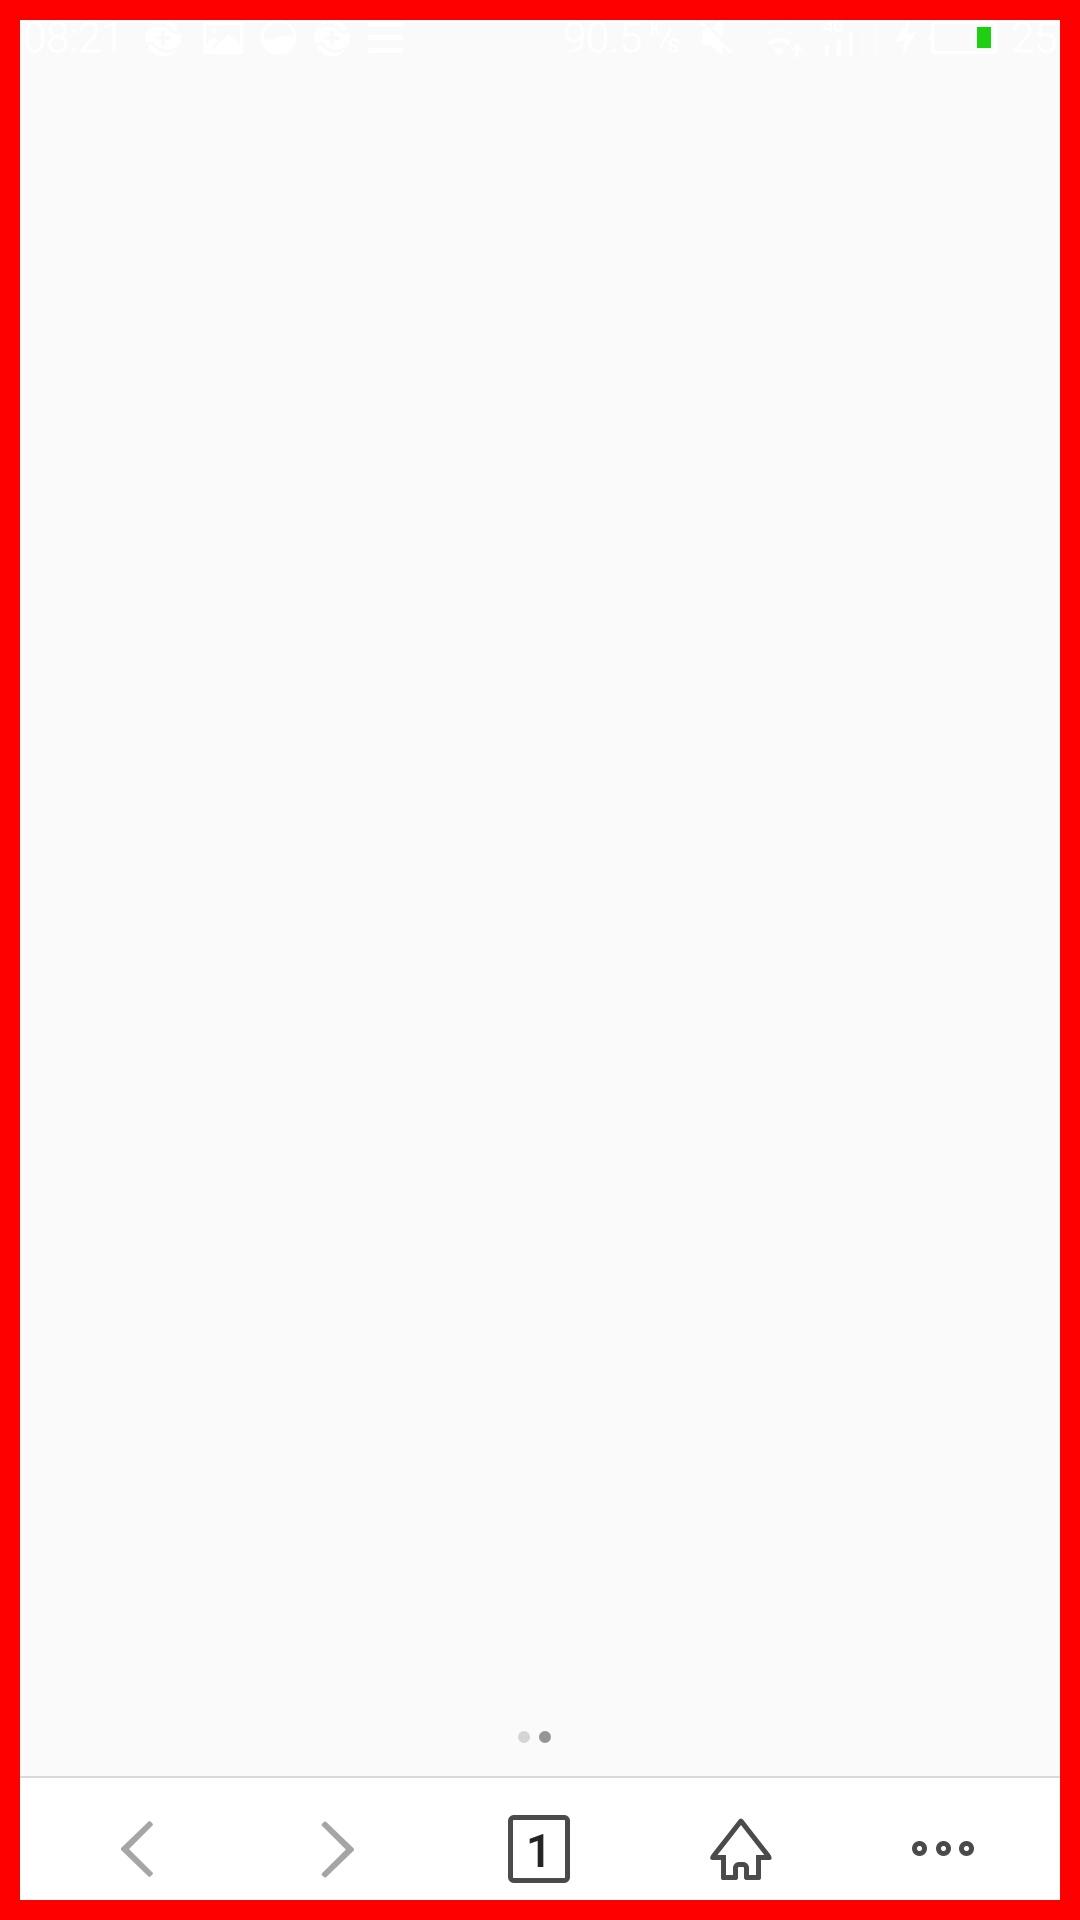 手机出现红色边框